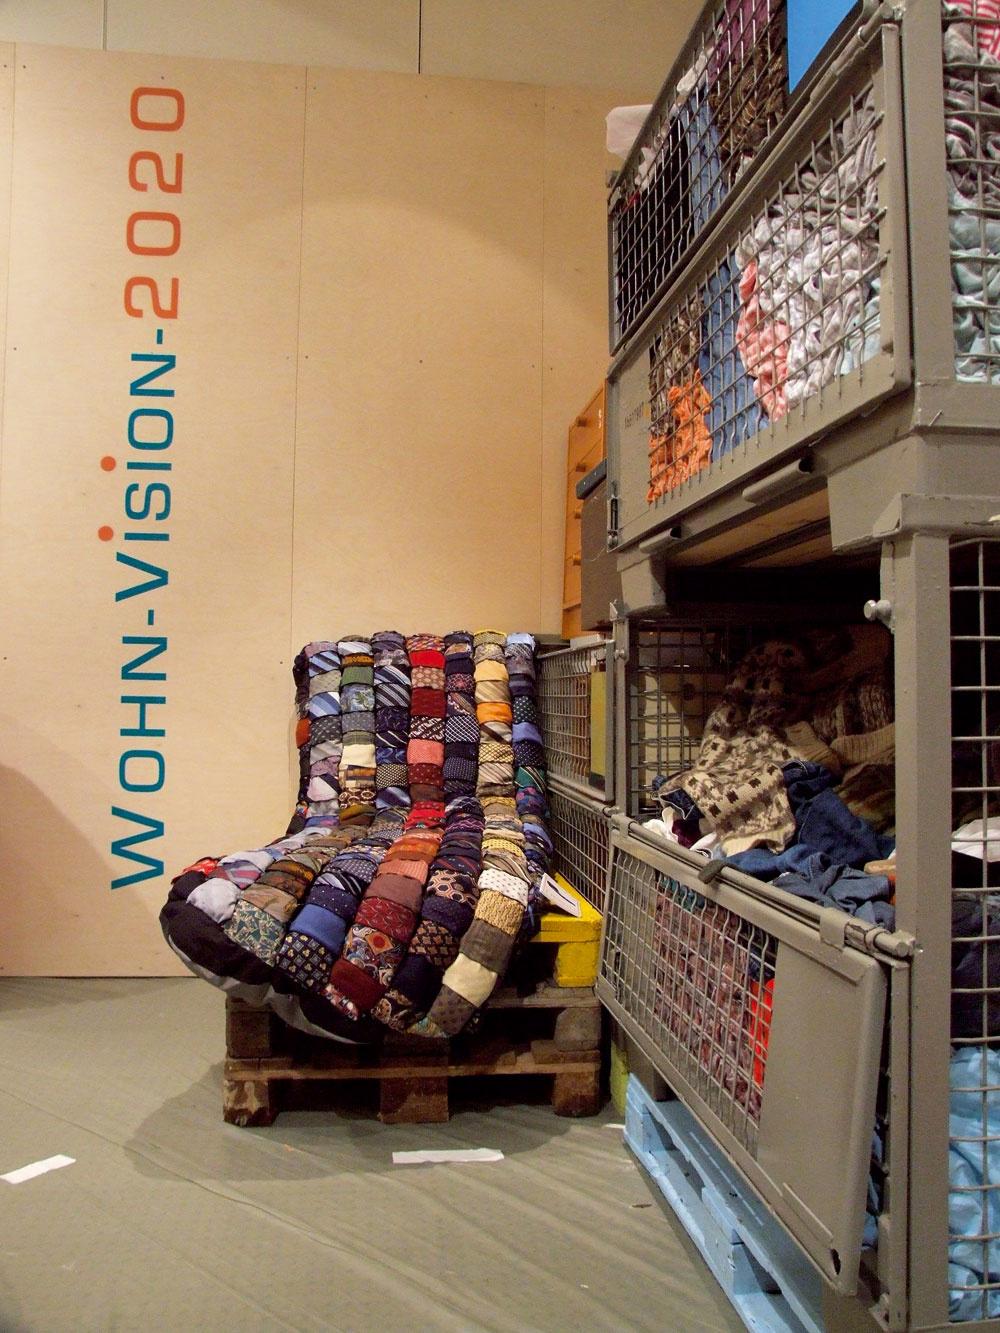 Moderný je dizajn, ktorý premieta stopy predošlého života do vzhľadu nových úžitkových predmetov. Takto sa vystavovalo vo Frankfurte na Ambiente 2011. Ošúchanosť, patina, zrecyklované kravaty, papier, palety.